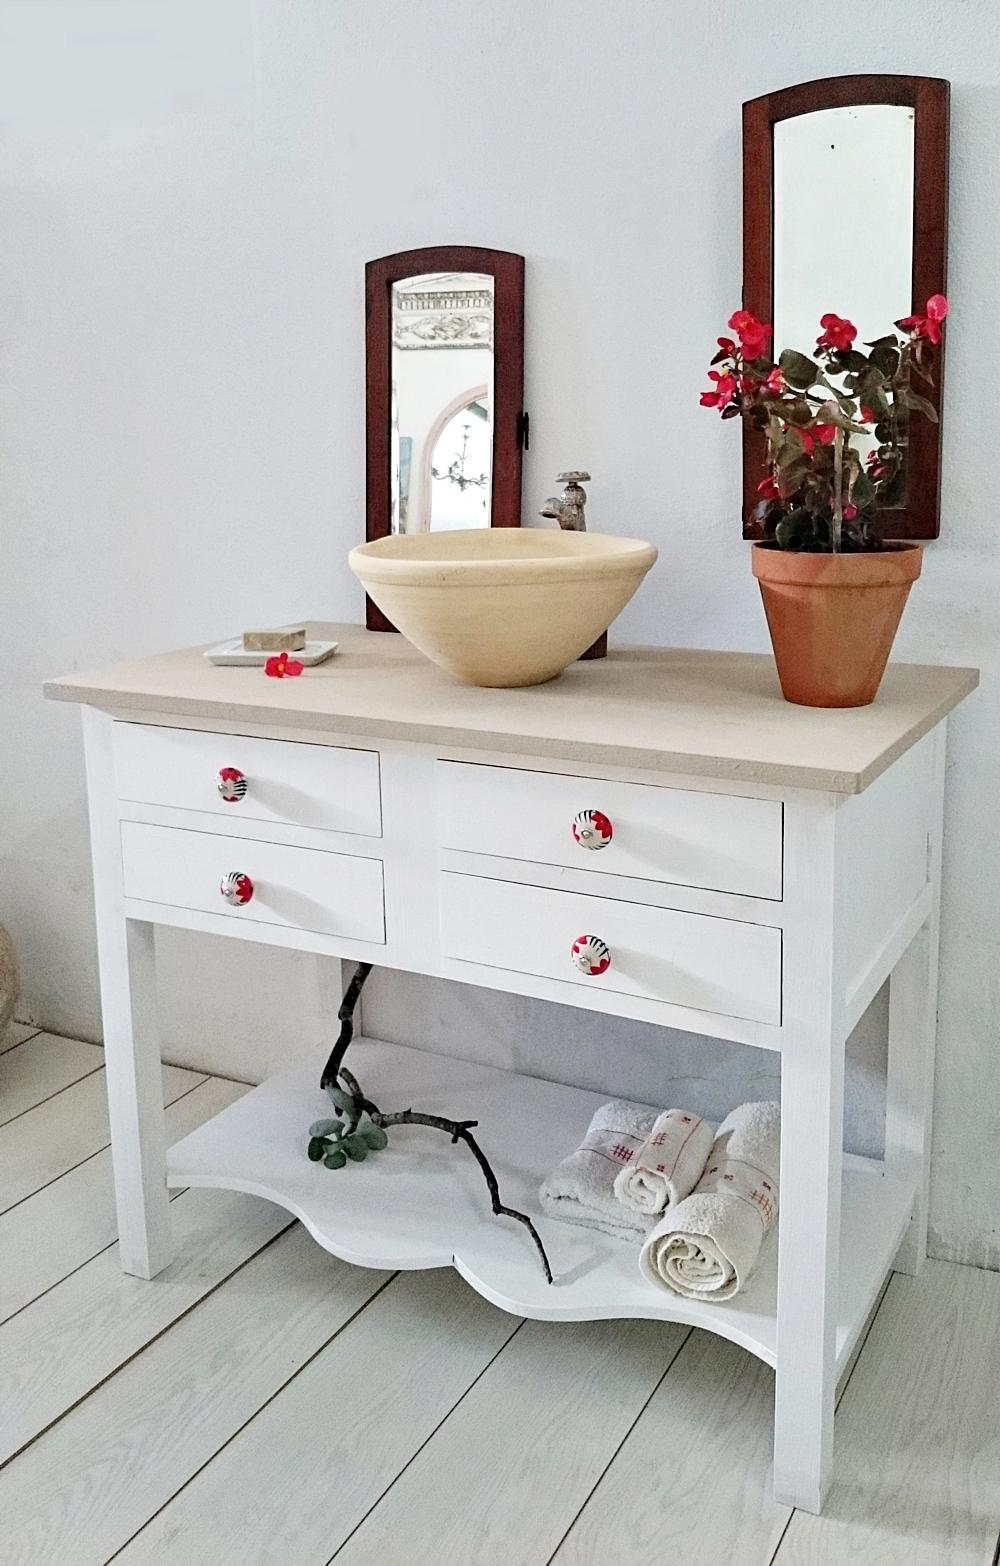 Muebles decapados en blanco mostrador blanco decapado - Muebles decapados en blanco ...